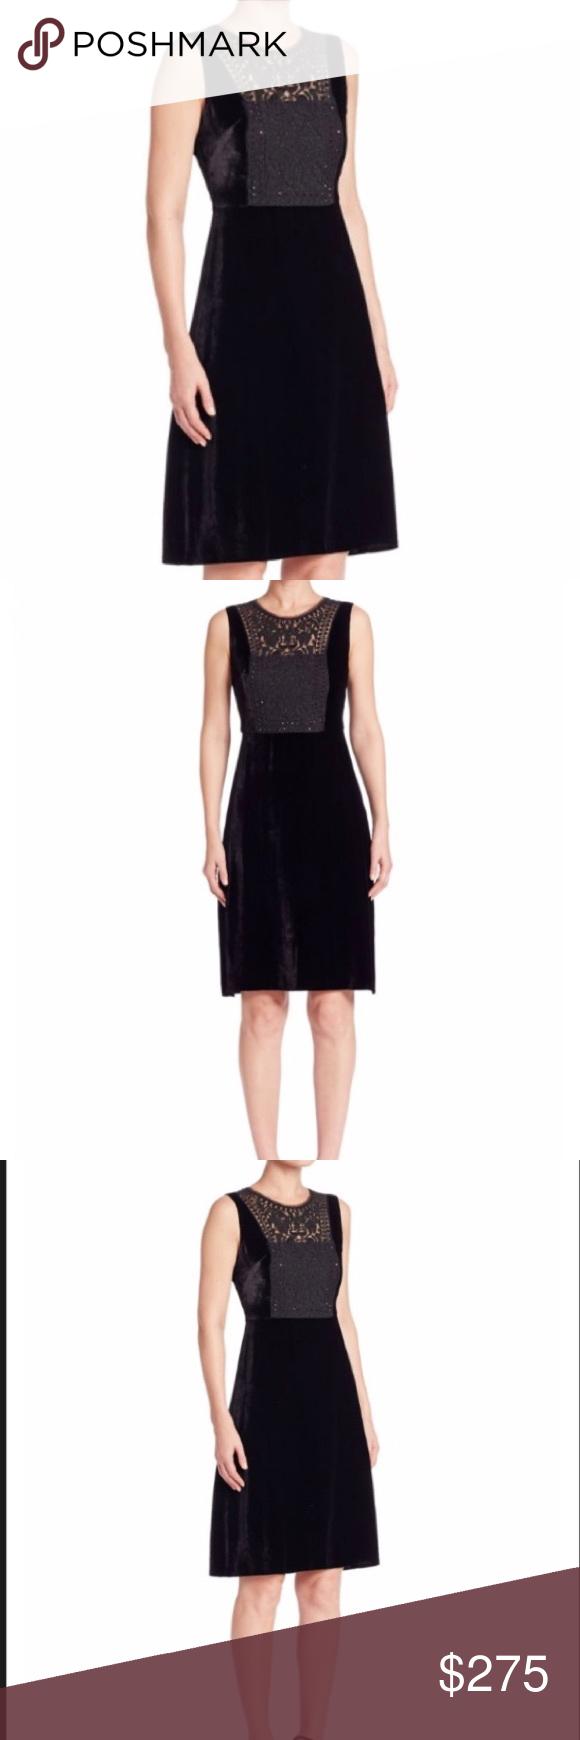 e7a31d995d19c Elie Tahari Jade Embellished Velvet Dress Velvet A-line dress with  embellished silk yoke.